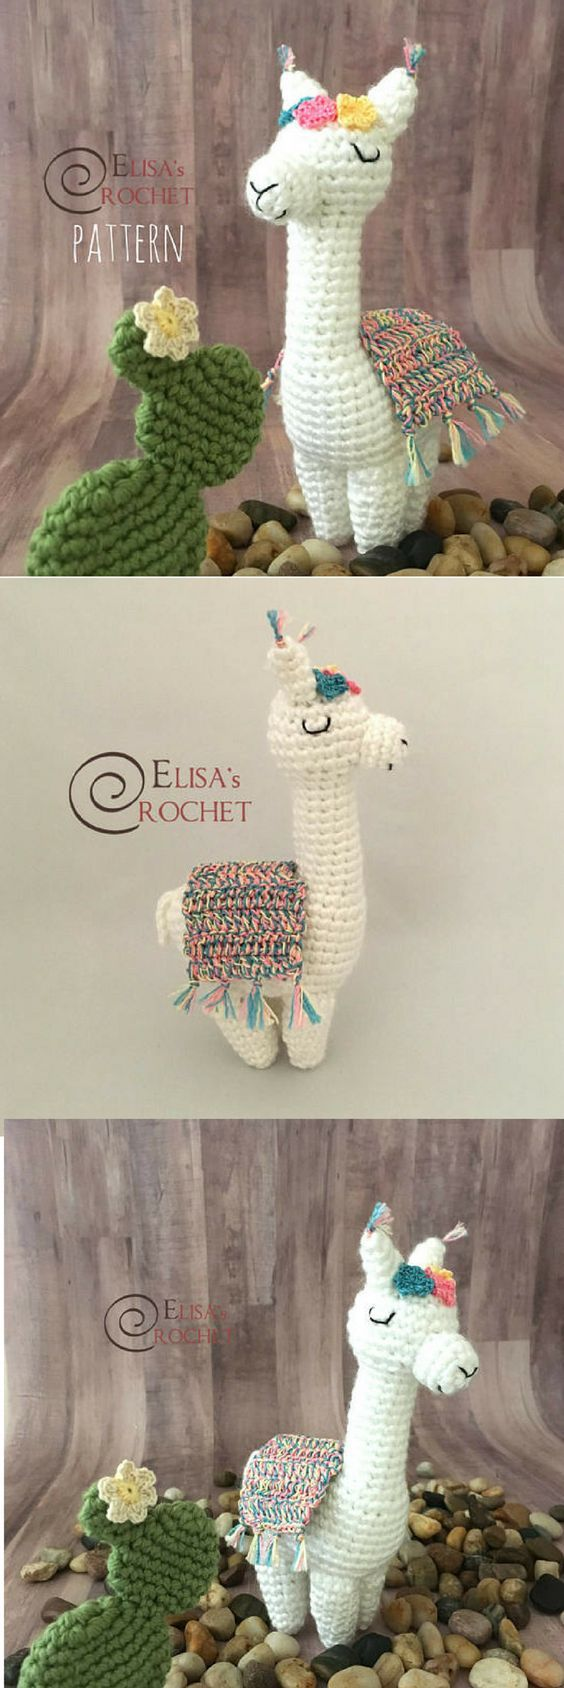 Violet the Alpaca Amigurumi Crochet Pattern Printable #ad #amigurumi ...